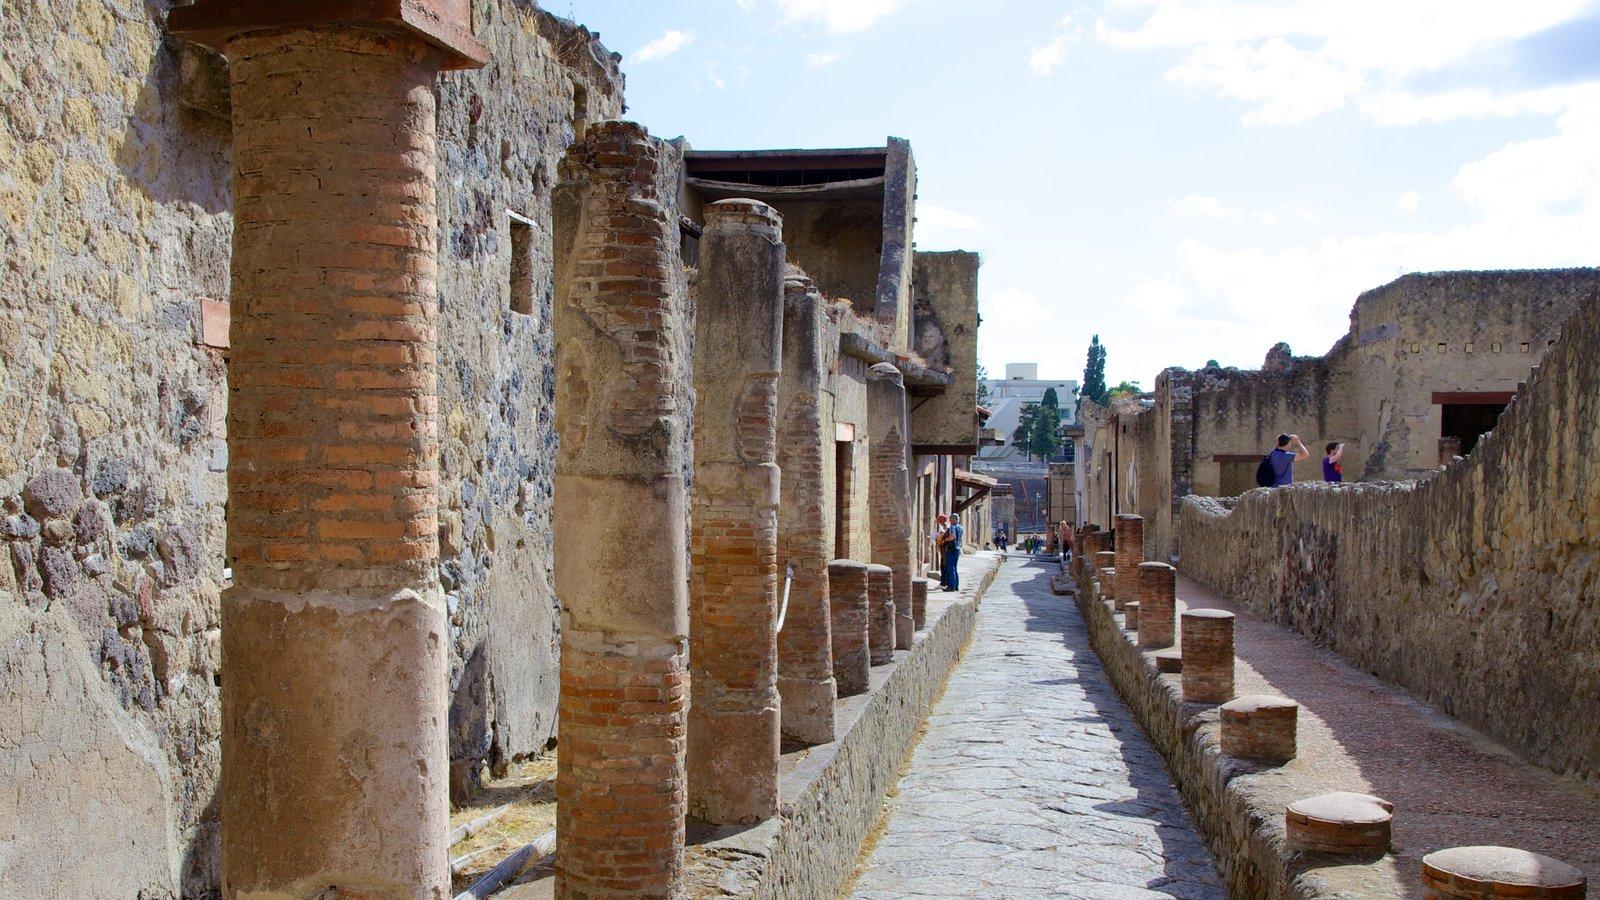 Ercolano que inclui arquitetura de patrimônio e ruínas de edifício